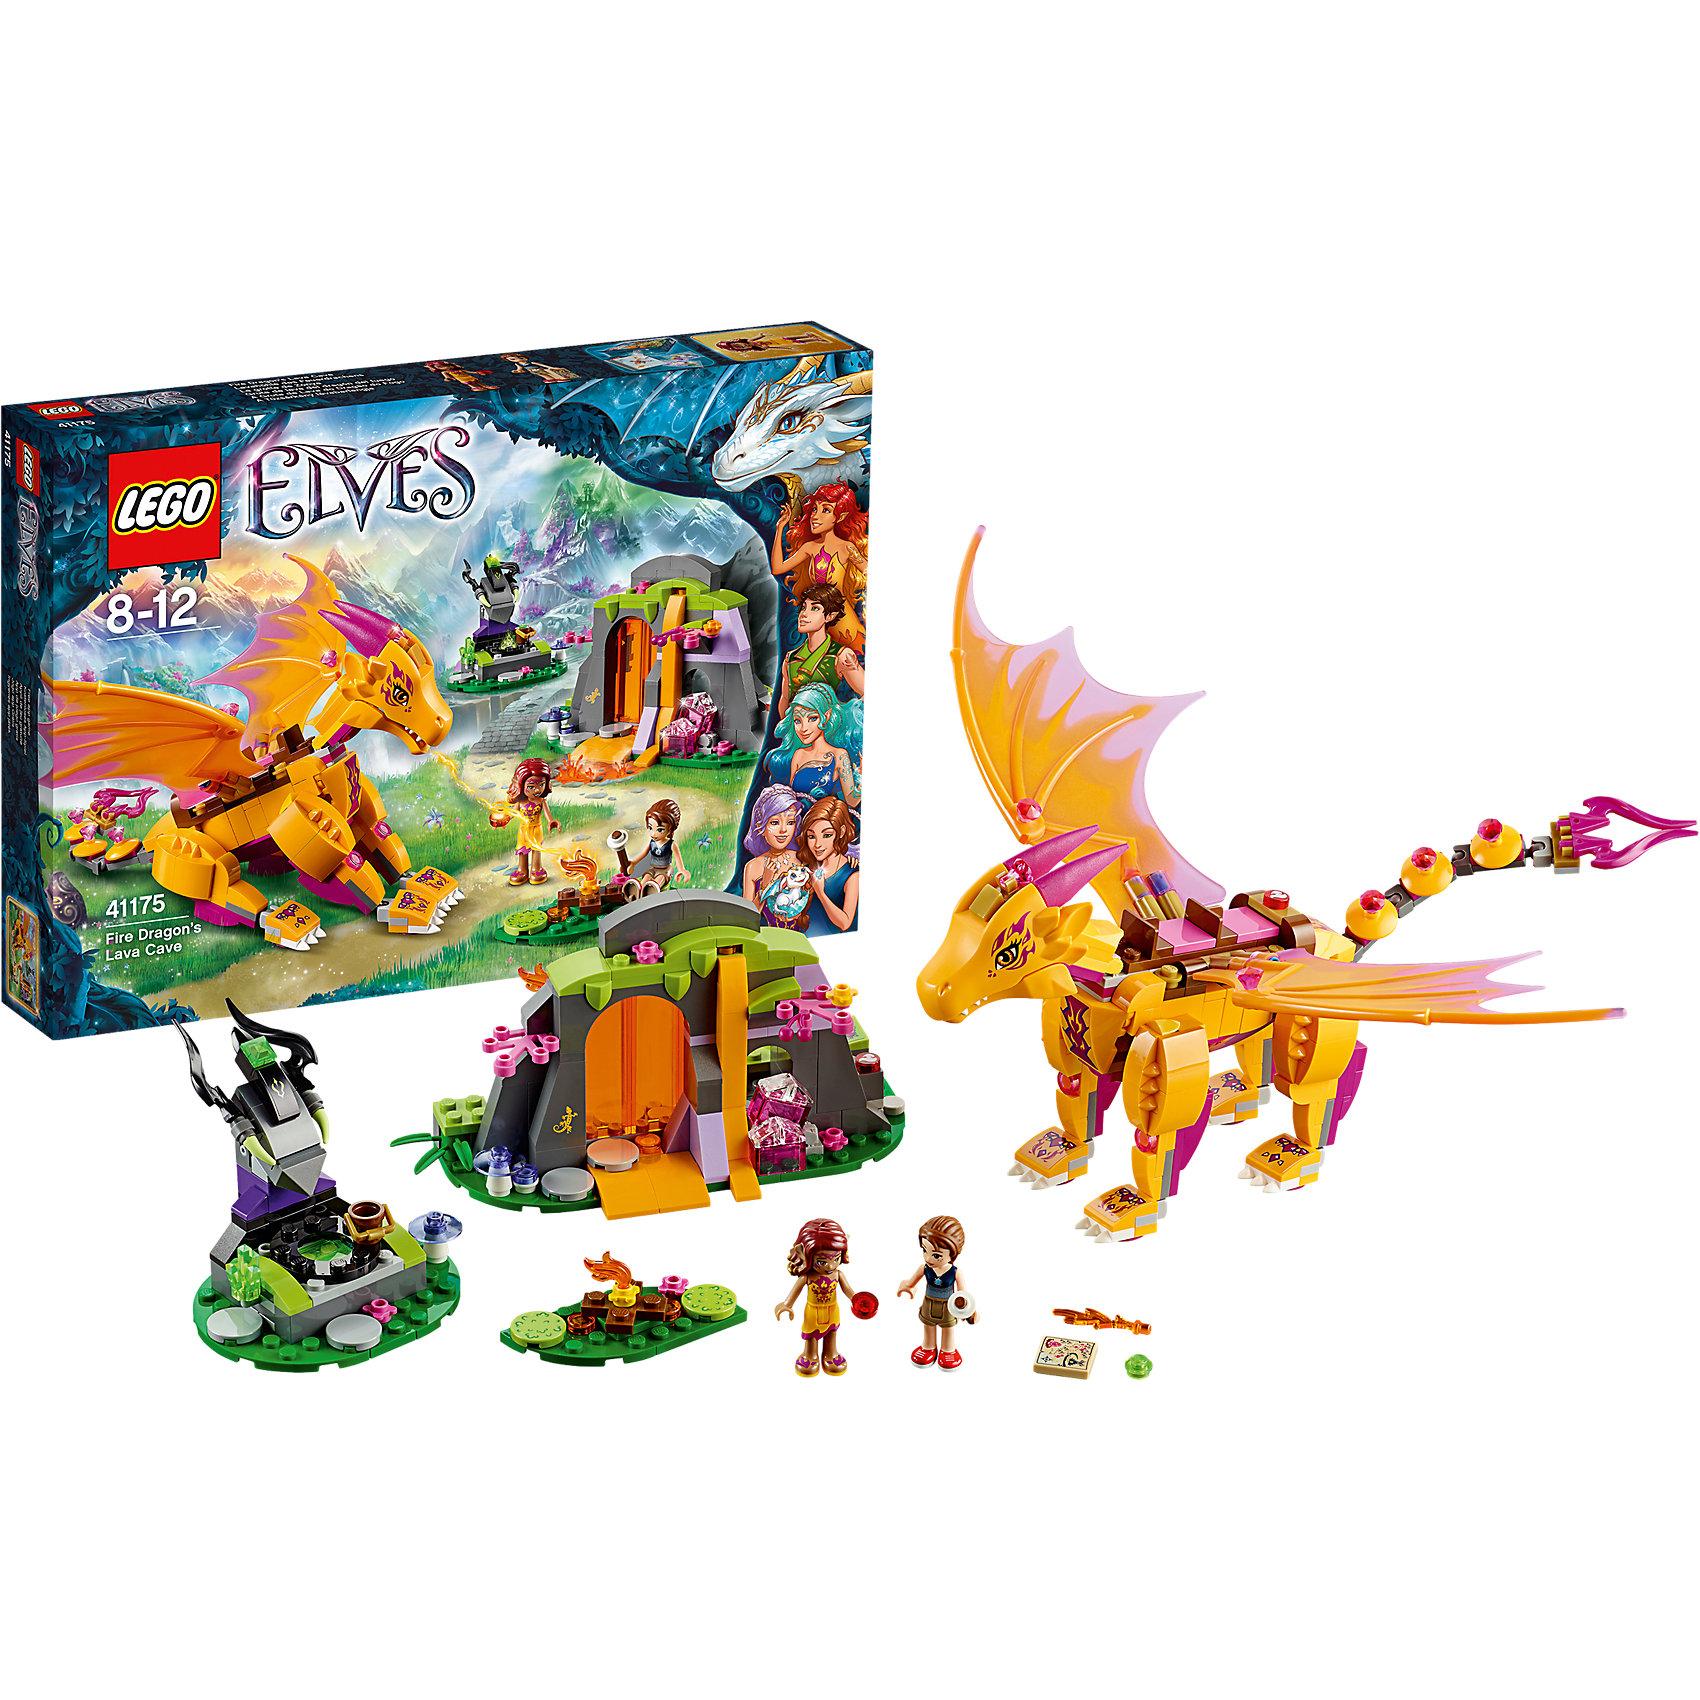 LEGO Elves 41175: Лавовая пещера дракона огняКонструктор LEGO Elves (ЛЕГО Эльфы) 41175: Лавовая пещера дракона огня поможет Вашей девочке перенестись в волшебный мир эльфов, познакомиться с его обитателями и пережить вместе с ними веселые приключения. Эмили Джонс и эльф огня Азари пролетали верхом на Драконе Огня, когда обнаружили Лавовую пещеру. С помощью своих магических огненных способностей Азари открывает вход в пещеру. Теперь друзьям предстоит исследовать ее, чтобы найти секретную карту. Переночуй в пещере, уютно устроившись на кровати из мха, а утром вместе с Эмили и Азари забирайся на спину Зоньи, чтобы совершить невероятный полёт! Сборная фигурка дракона выполнена с высокой степенью детализации, яркие жёлтые и оранжевые детали и фиолетовым чешуя придают ему впечатляющий внешний вид.<br><br>Конструкторы серии  LEGO Elves объединены общим сюжетом о приключениях девочки Эмили Джонс, попавшей в удивительный мир эльфов. Чтобы вернуться обратно домой ей нужно отыскать четыре волшебных ключа. Найти их ей помогут ее новые друзья - эльфы Азари (эльф огня), Наида (эльф воды), Эйра (эльф ветра) и Фарран (эльф Земли). Необычные яркие цвета, уникальные детали и минифигурки и красивые сказочные сюжеты делают эти конструкторы прекрасным подарком для всех девочек от 6 до 12 лет.<br><br>Дополнительная информация:<br><br>- Игра с конструктором LEGO (ЛЕГО) развивает мелкую моторику ребенка, фантазию и воображение, учит его усидчивости и внимательности.<br>- Количество деталей: 441.<br>- Количество минифигур: 2 (эльф Азари и Эмили Джонс).<br>- Серия: LEGO Elves (ЛЕГО Эльфы).<br>- Материал: пластик.<br>- Размер упаковки: 38 х 5 х 26 см.<br>- Вес: 0,59 кг.<br><br>Конструктор LEGO Elves (ЛЕГО Эльфы) 41175: Лавовая пещера дракона огня можно купить в нашем интернет-магазине.<br><br>Ширина мм: 382<br>Глубина мм: 261<br>Высота мм: 60<br>Вес г: 589<br>Возраст от месяцев: 96<br>Возраст до месяцев: 144<br>Пол: Женский<br>Возраст: Детский<br>SKU: 4259136